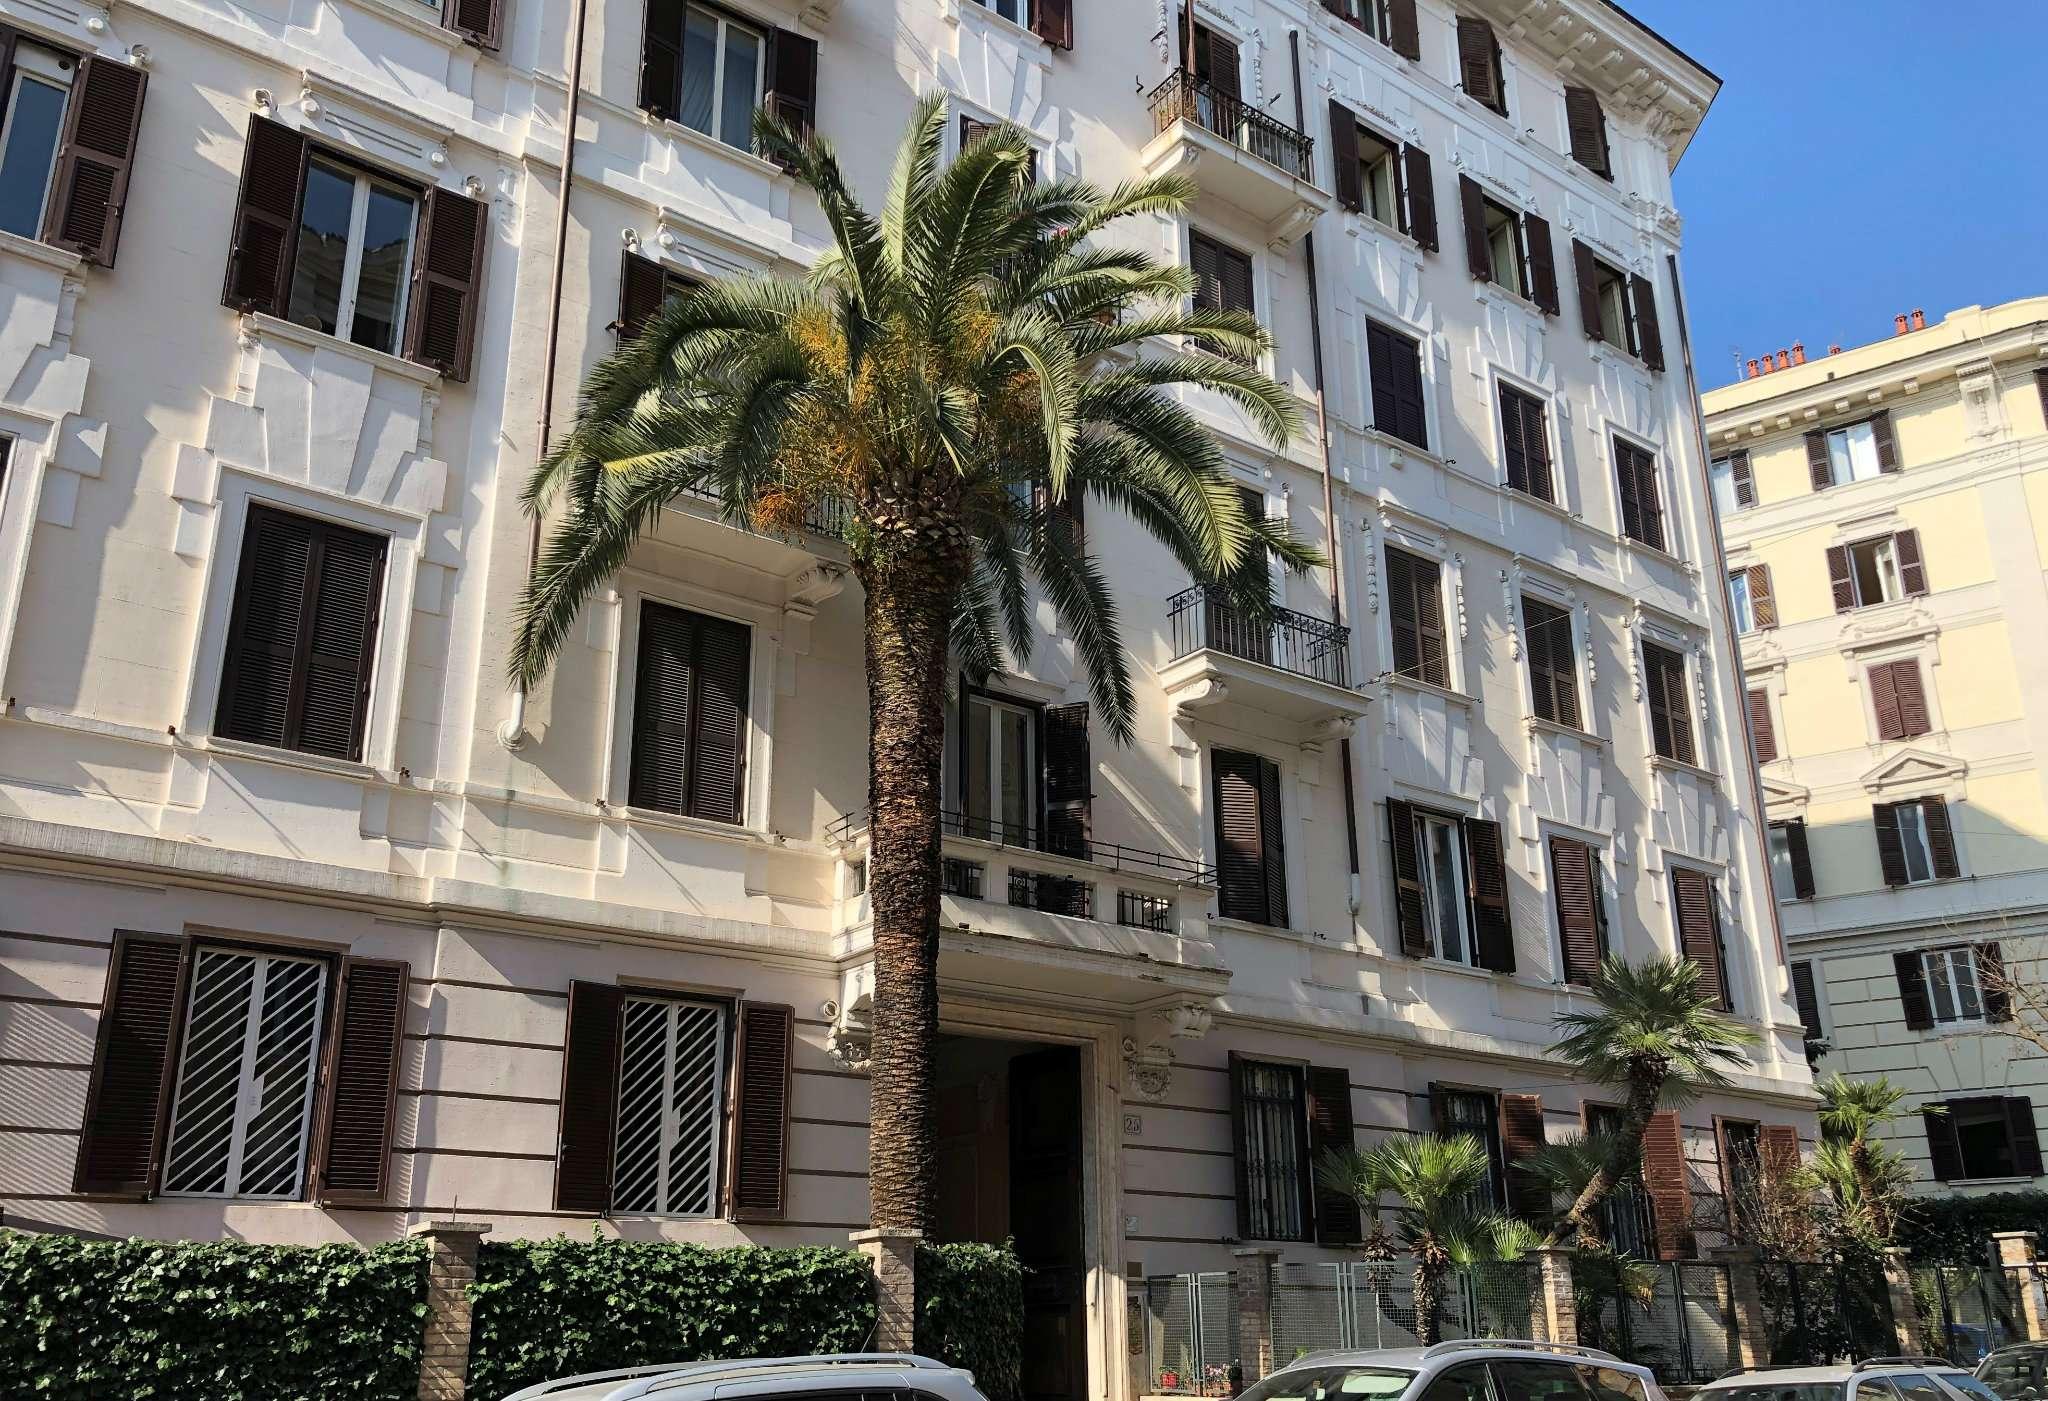 Appartamento in vendita a Roma, 3 locali, zona Zona: 3 . Trieste - Somalia - Salario, prezzo € 780.000 | CambioCasa.it